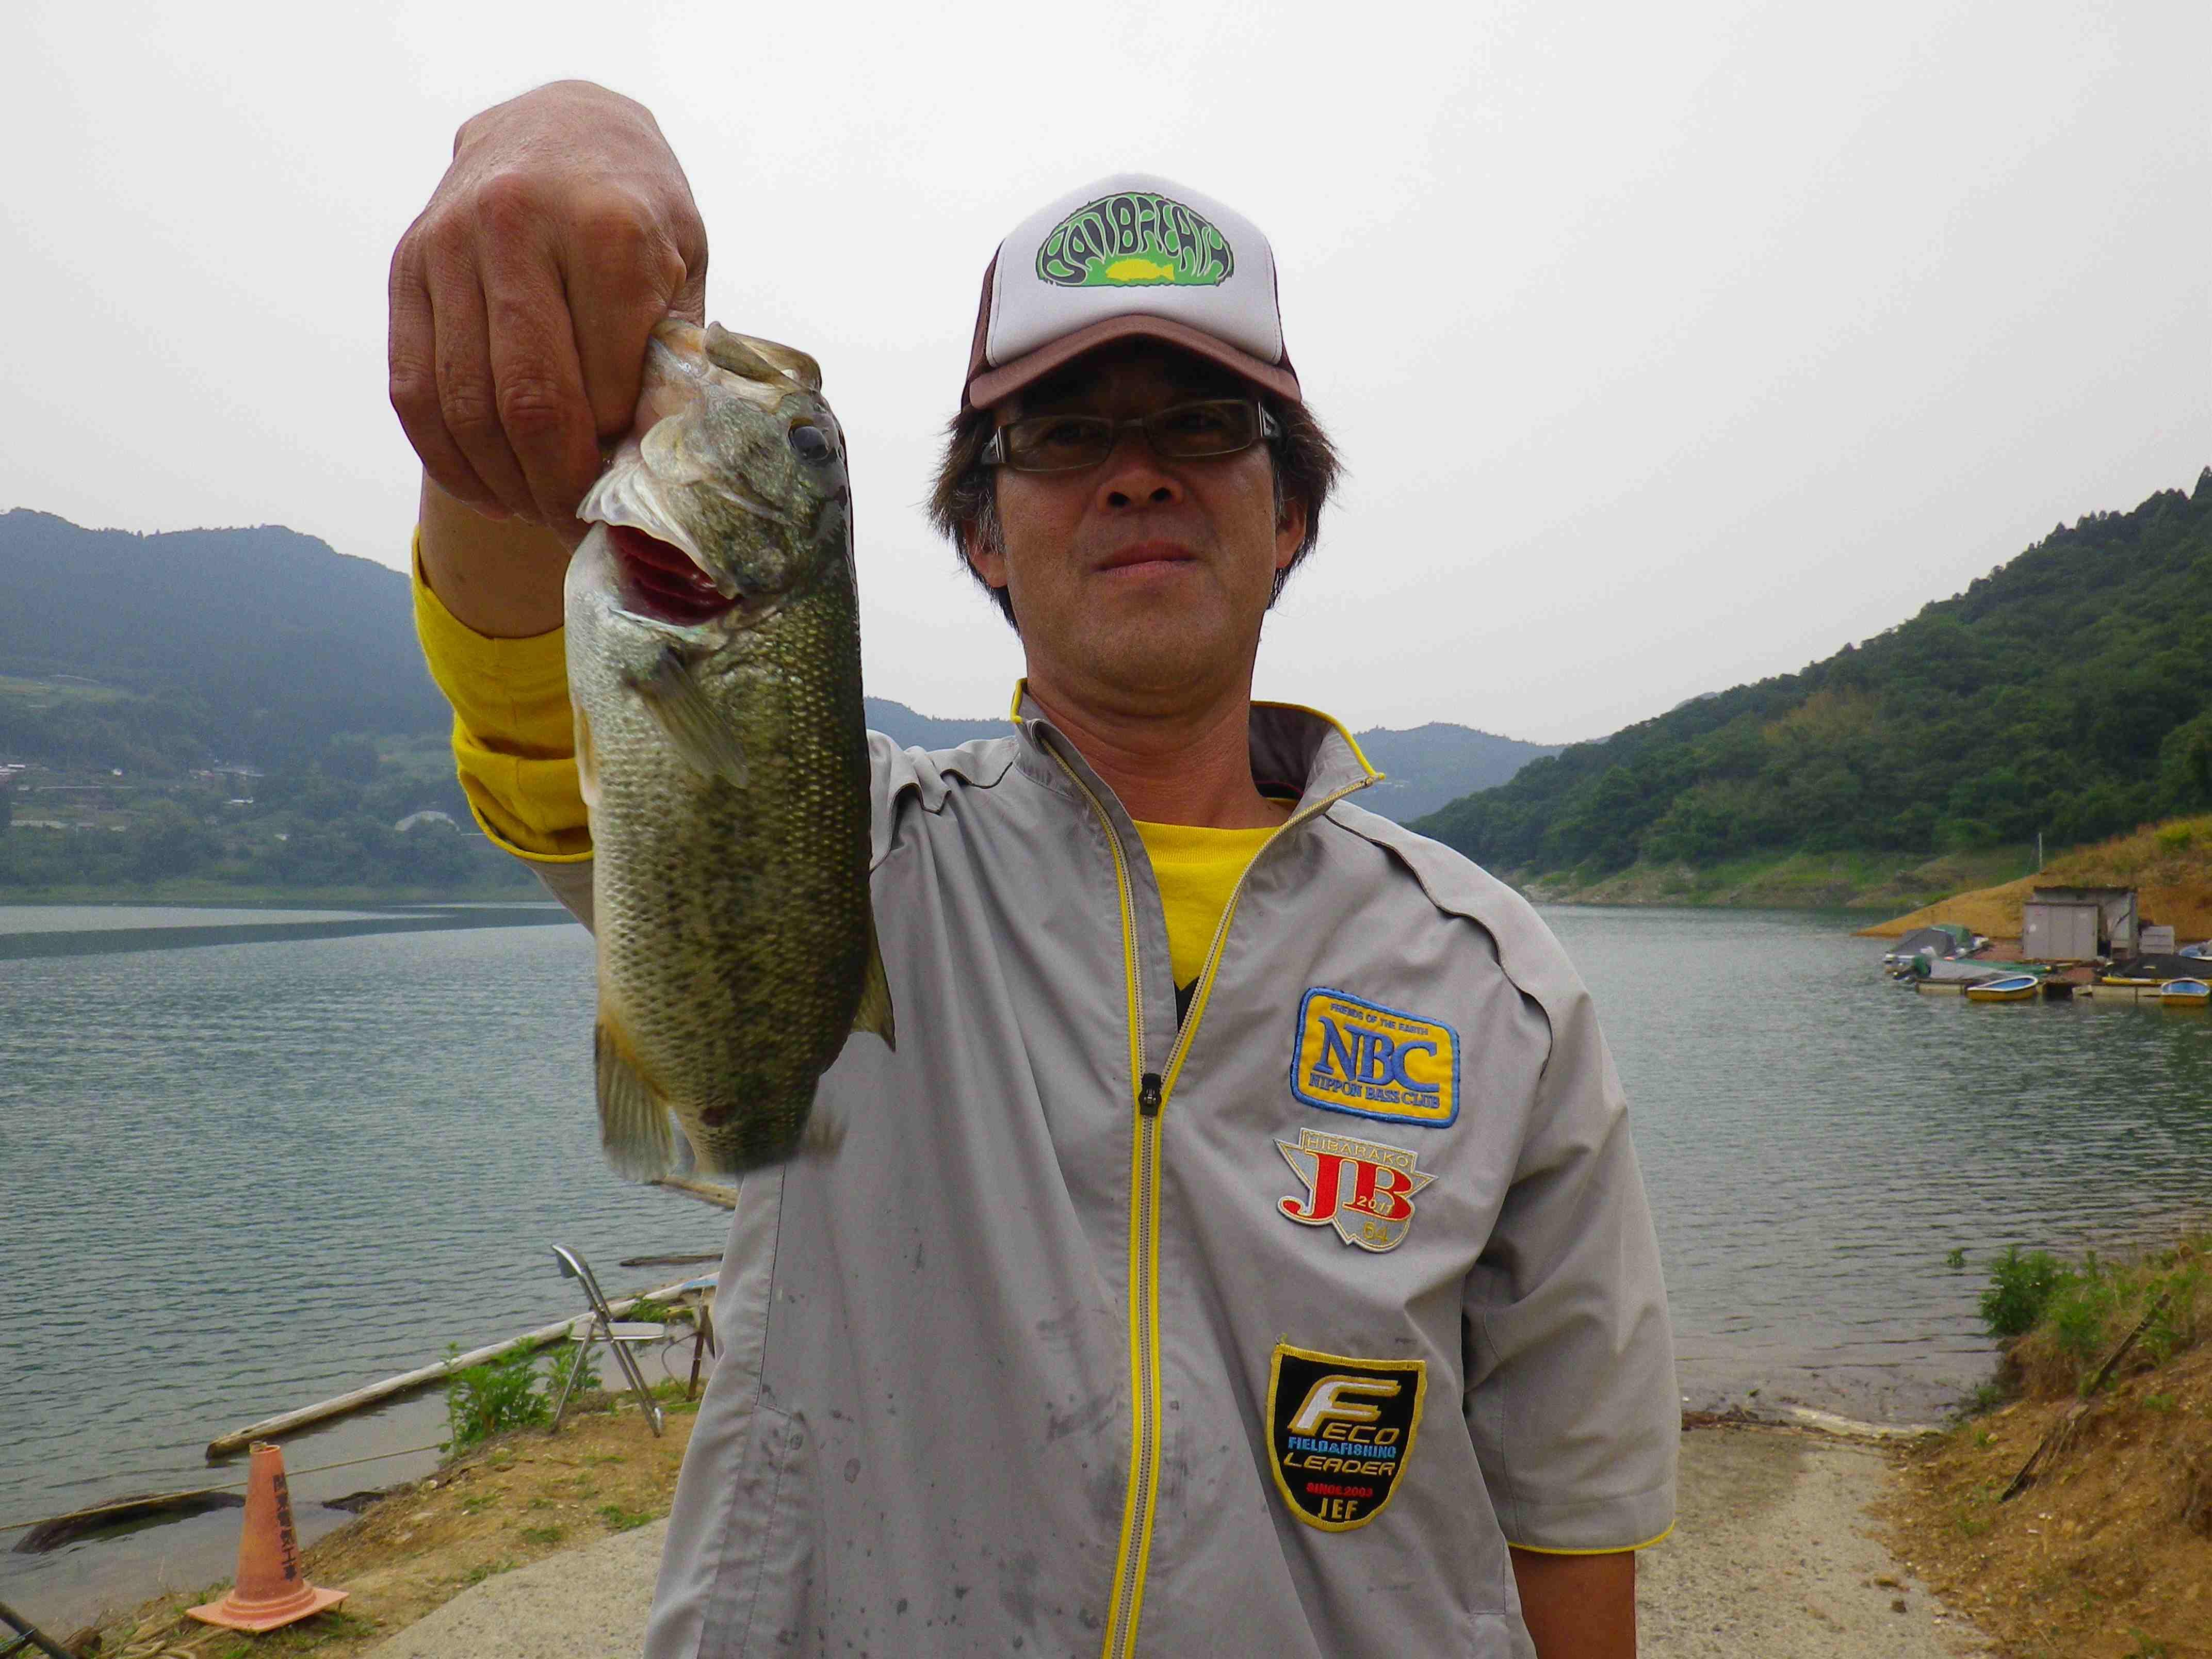 埼玉チャプター 神流湖 ベイトブレスカップ_a0097491_115319.jpg